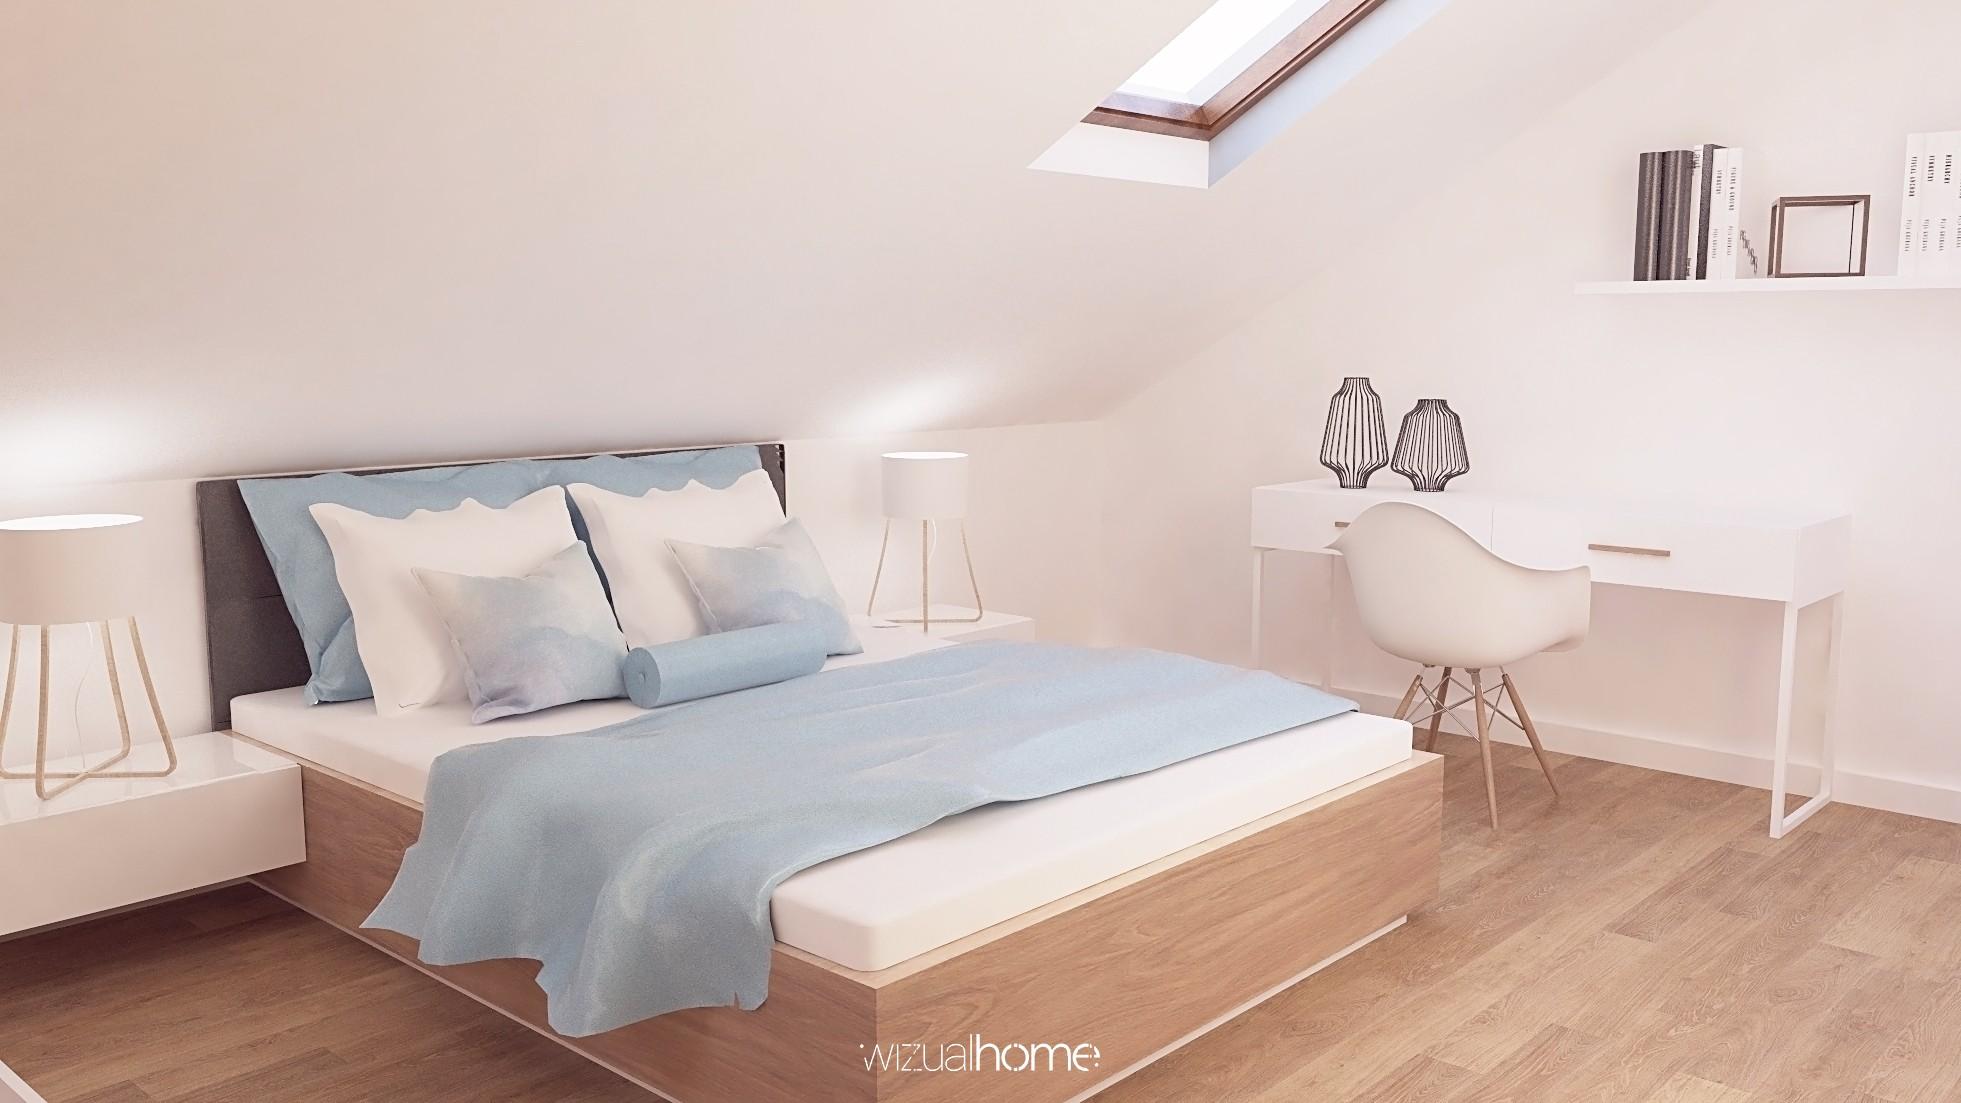 Sypialnia zaprojektowania w nowoczesnym stylu